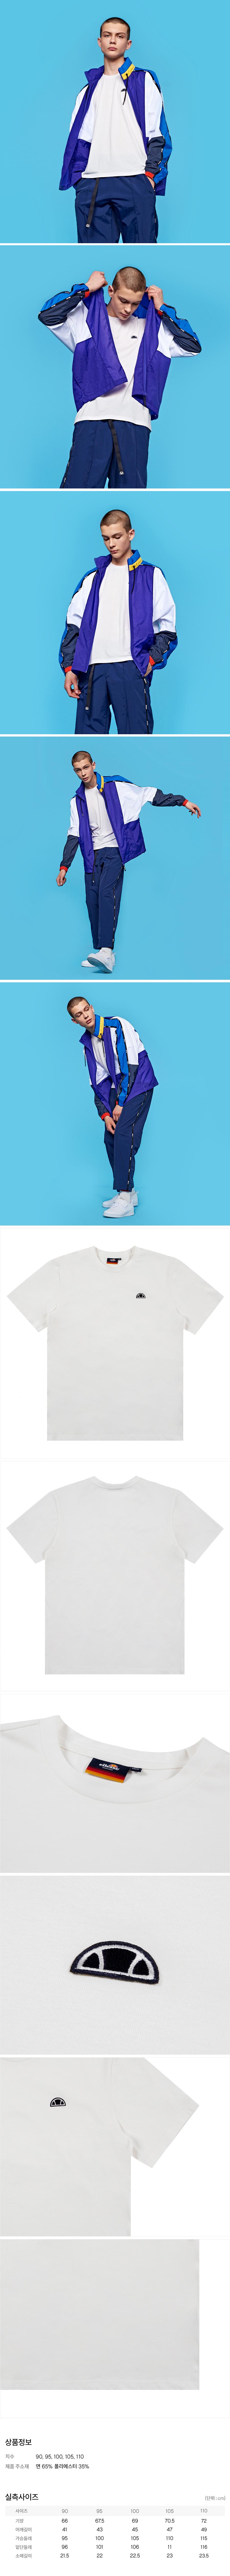 엘레쎄(ELLESSE) 스몰 로고 베이직 반팔 티셔츠 (오프화이트)EJ2UHTR333